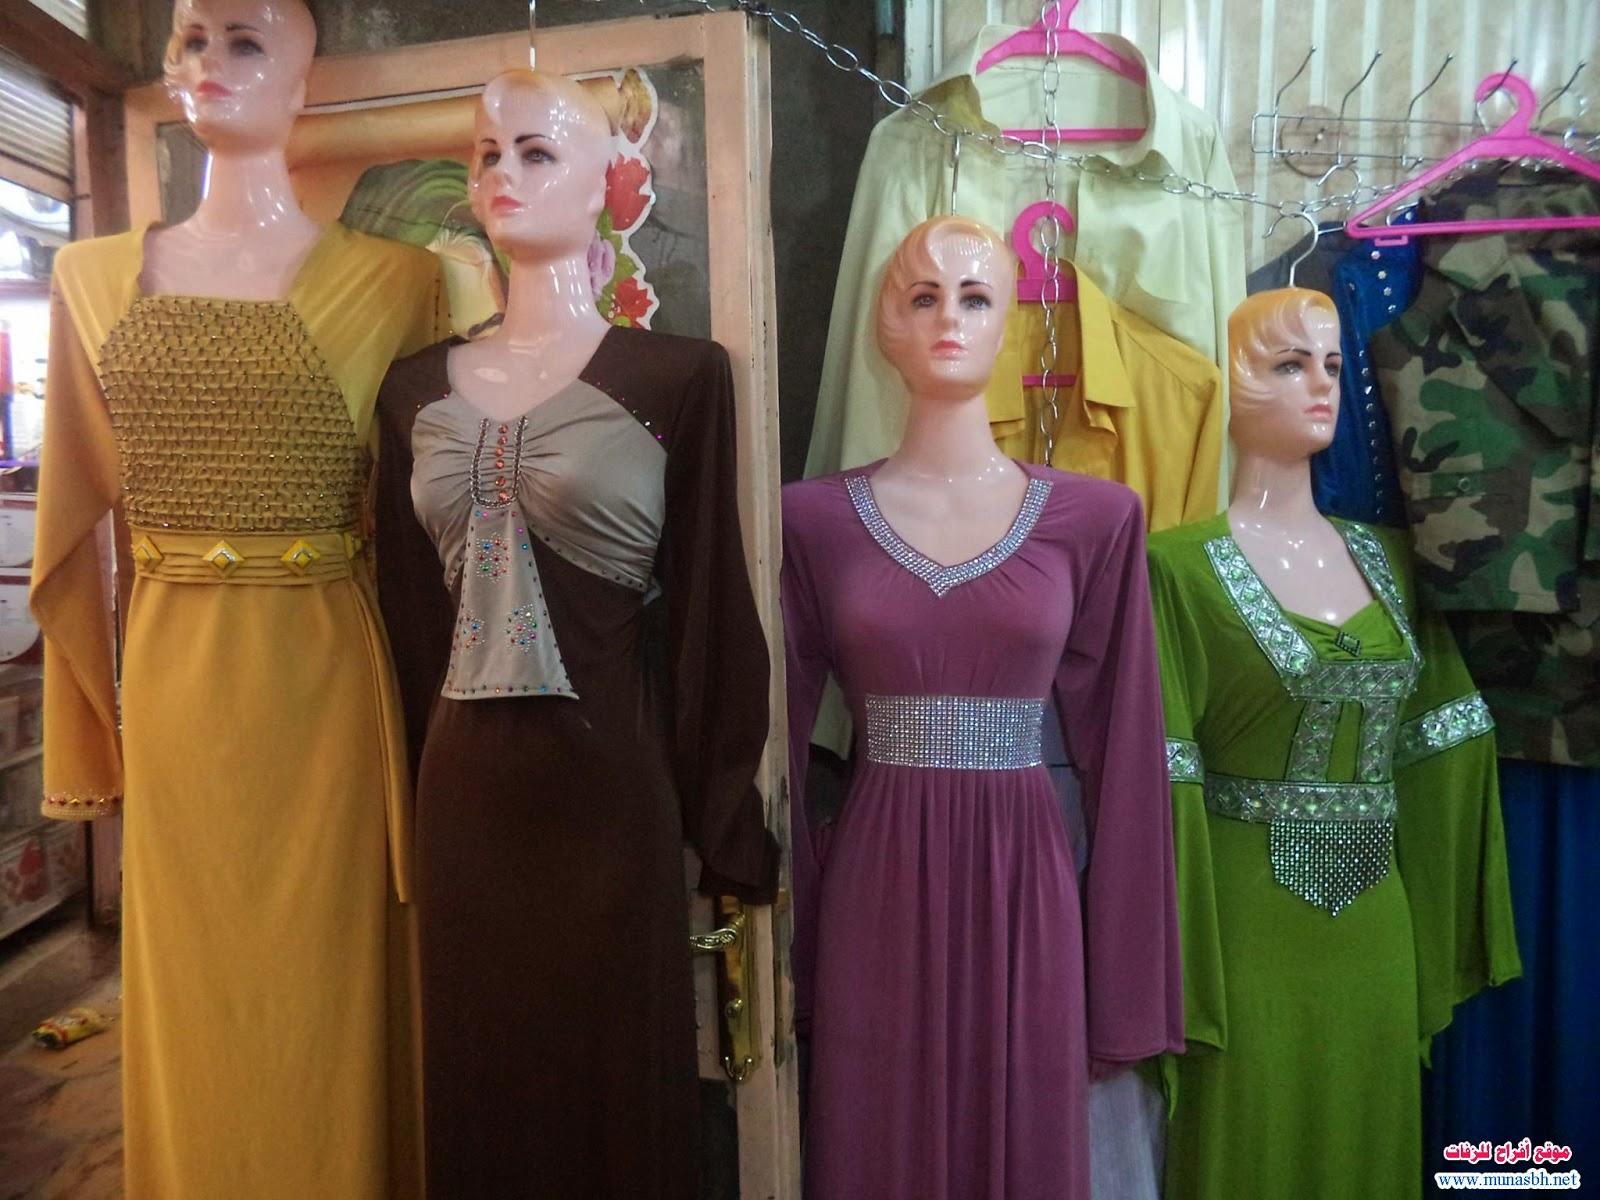 تصاميم و خياطة دشاديش عراقية روعة